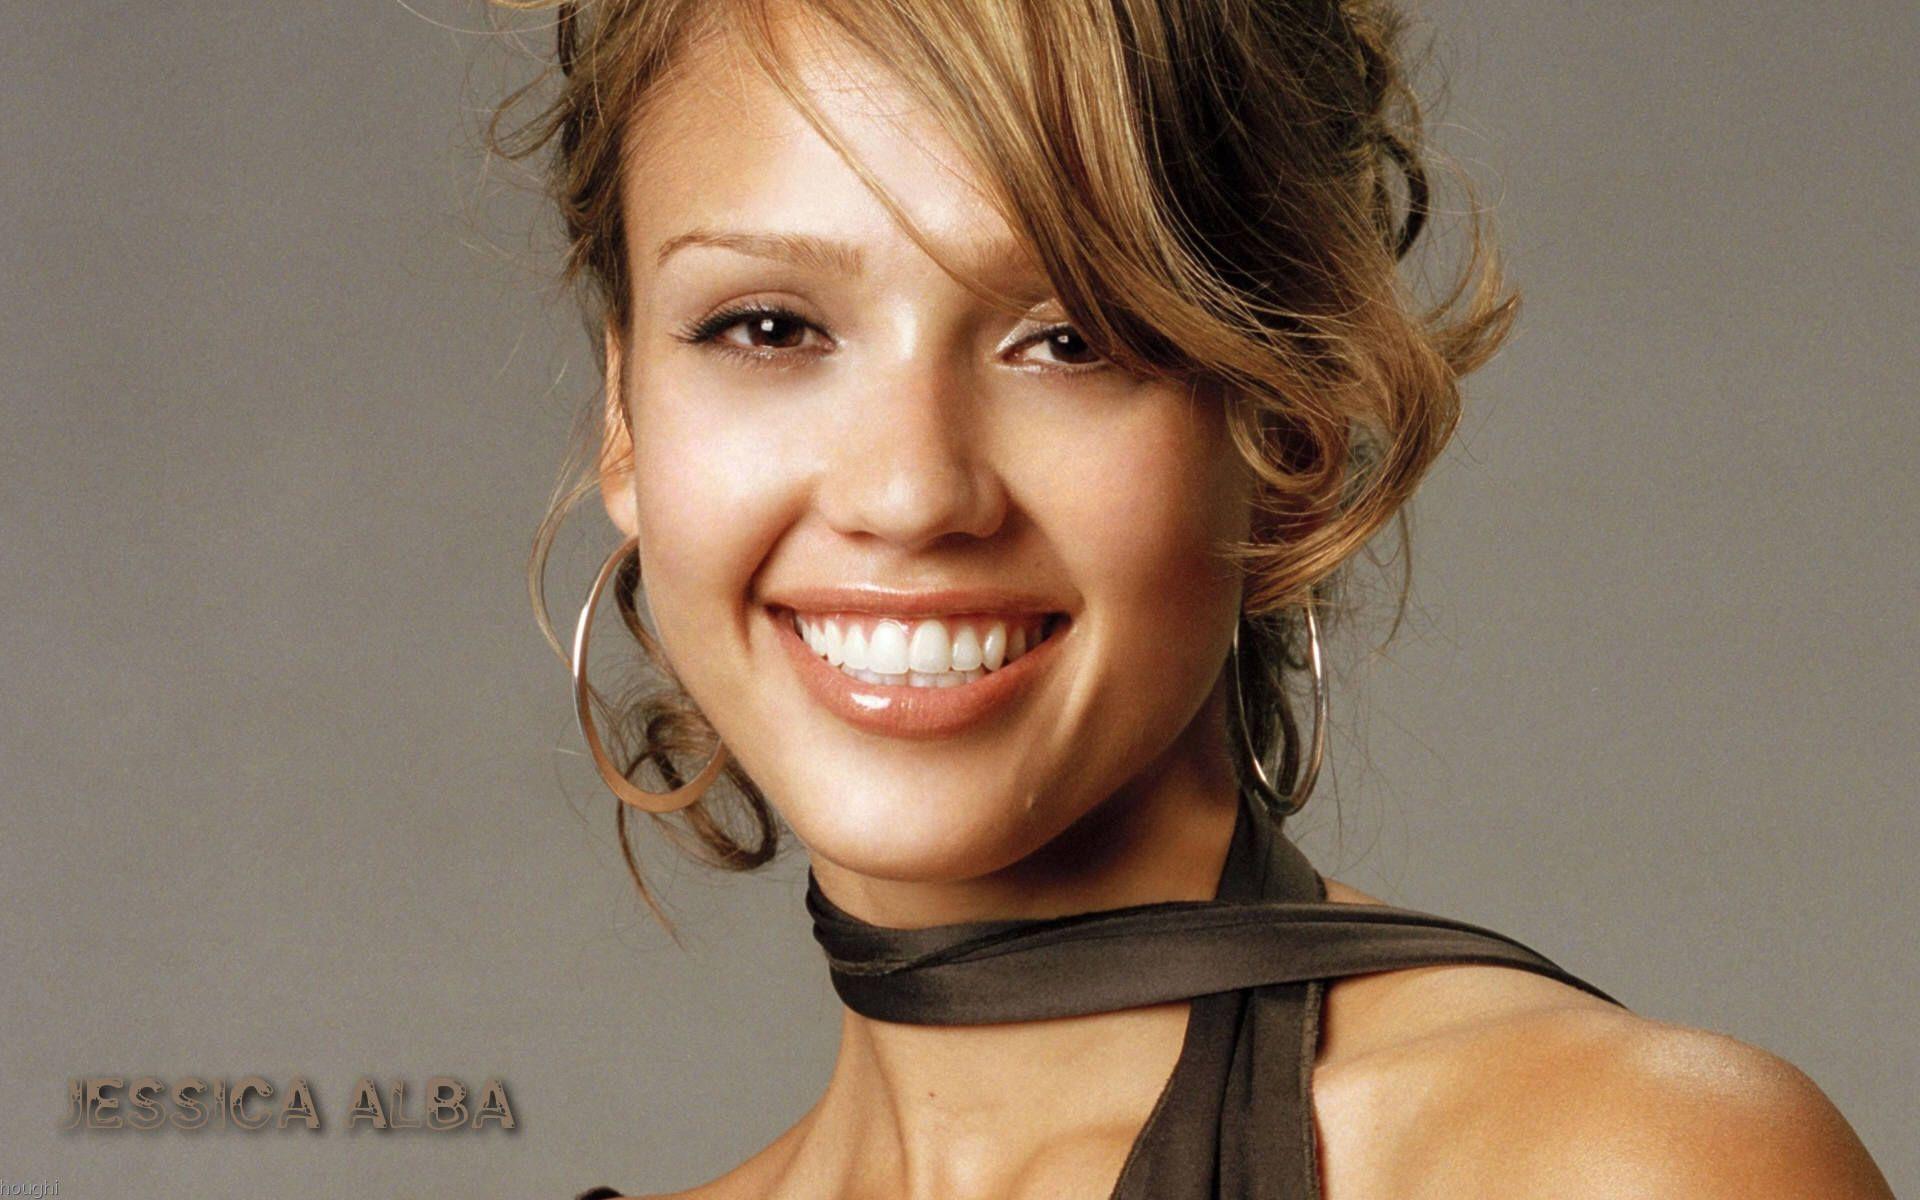 Too Gorgeous Too Beautiful Too Cute Too Sweet Jessica Alba